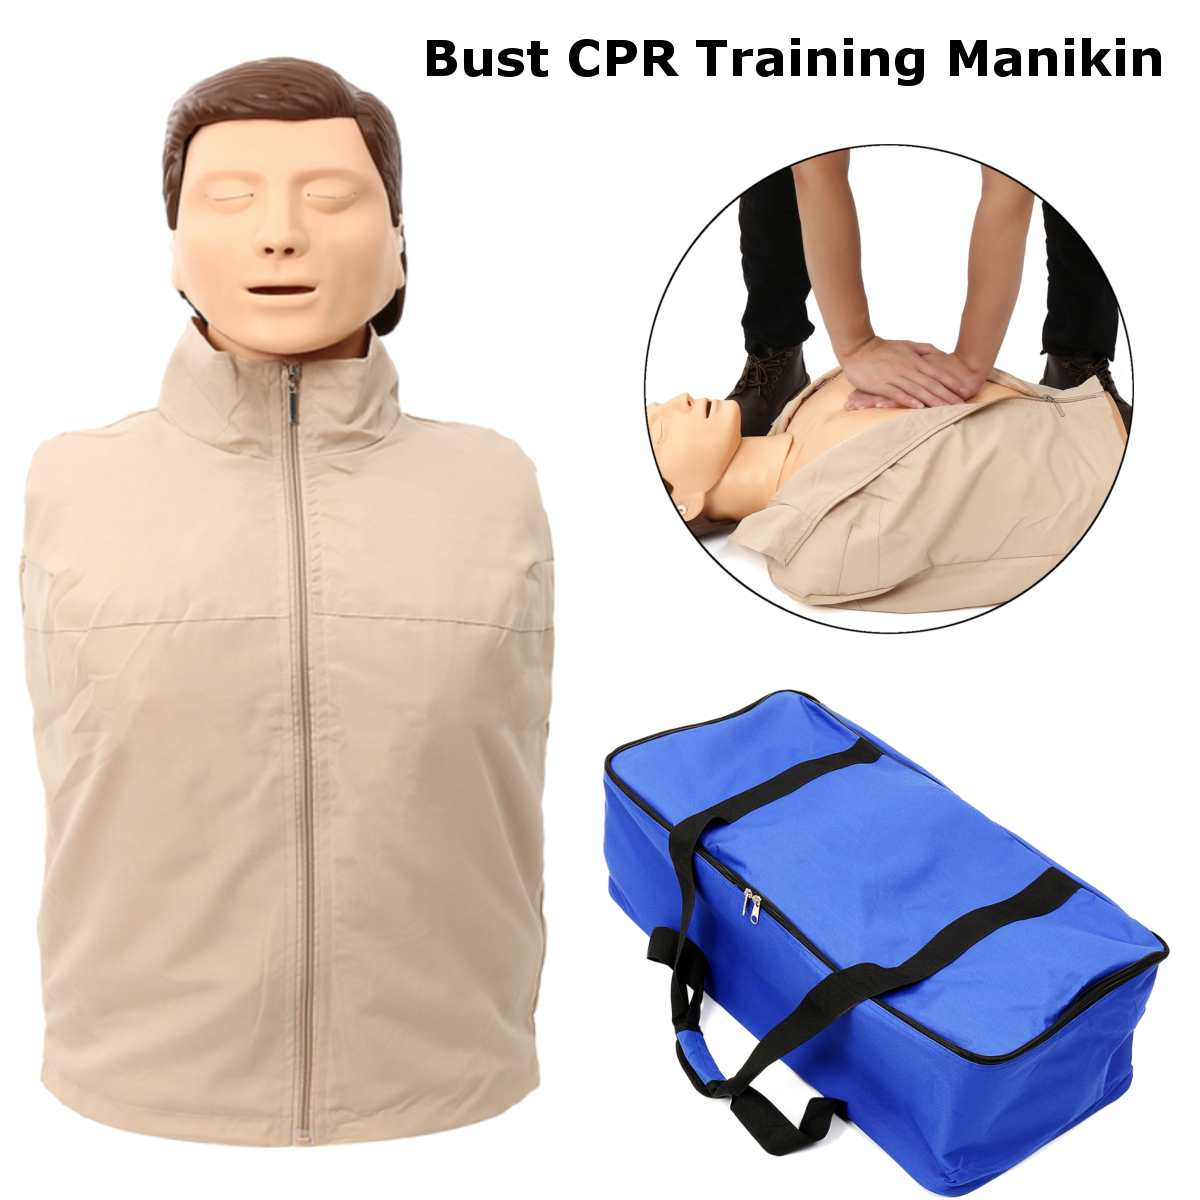 Mannequin de formation en rcr 70x22x34cm buste Mannequin de formation en soins infirmiers professionnels modèle médical modèle de formation en premiers soins humains nouveau